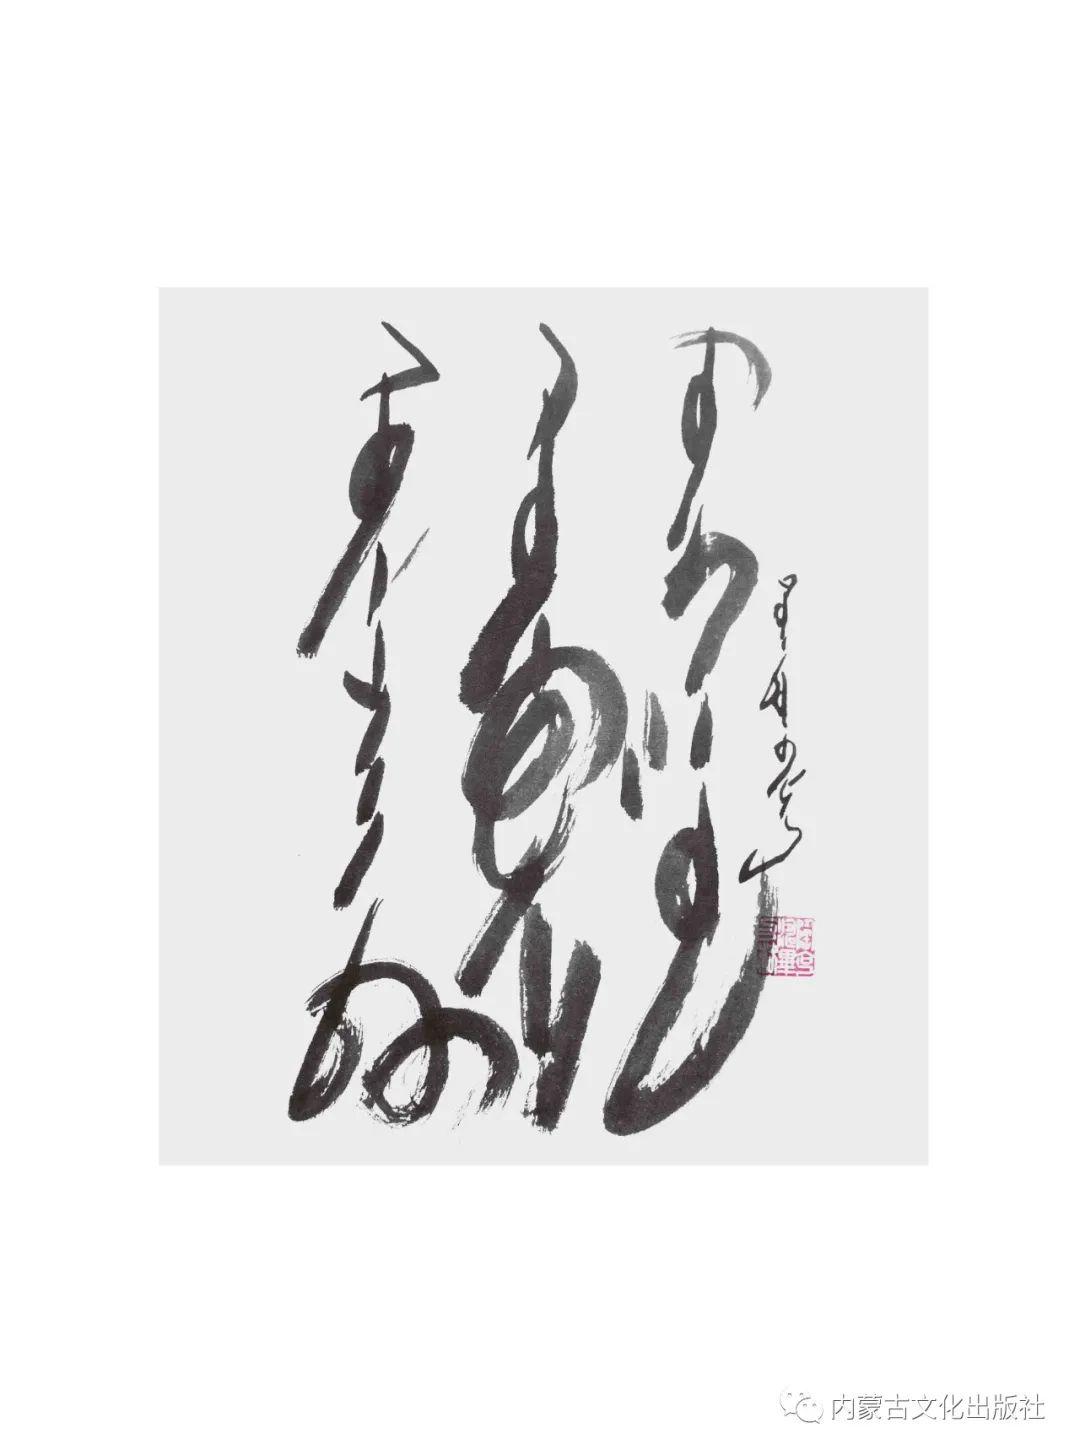 蒙古语 | 蒙古文书法欣赏 第3张 蒙古语 | 蒙古文书法欣赏 蒙古书法